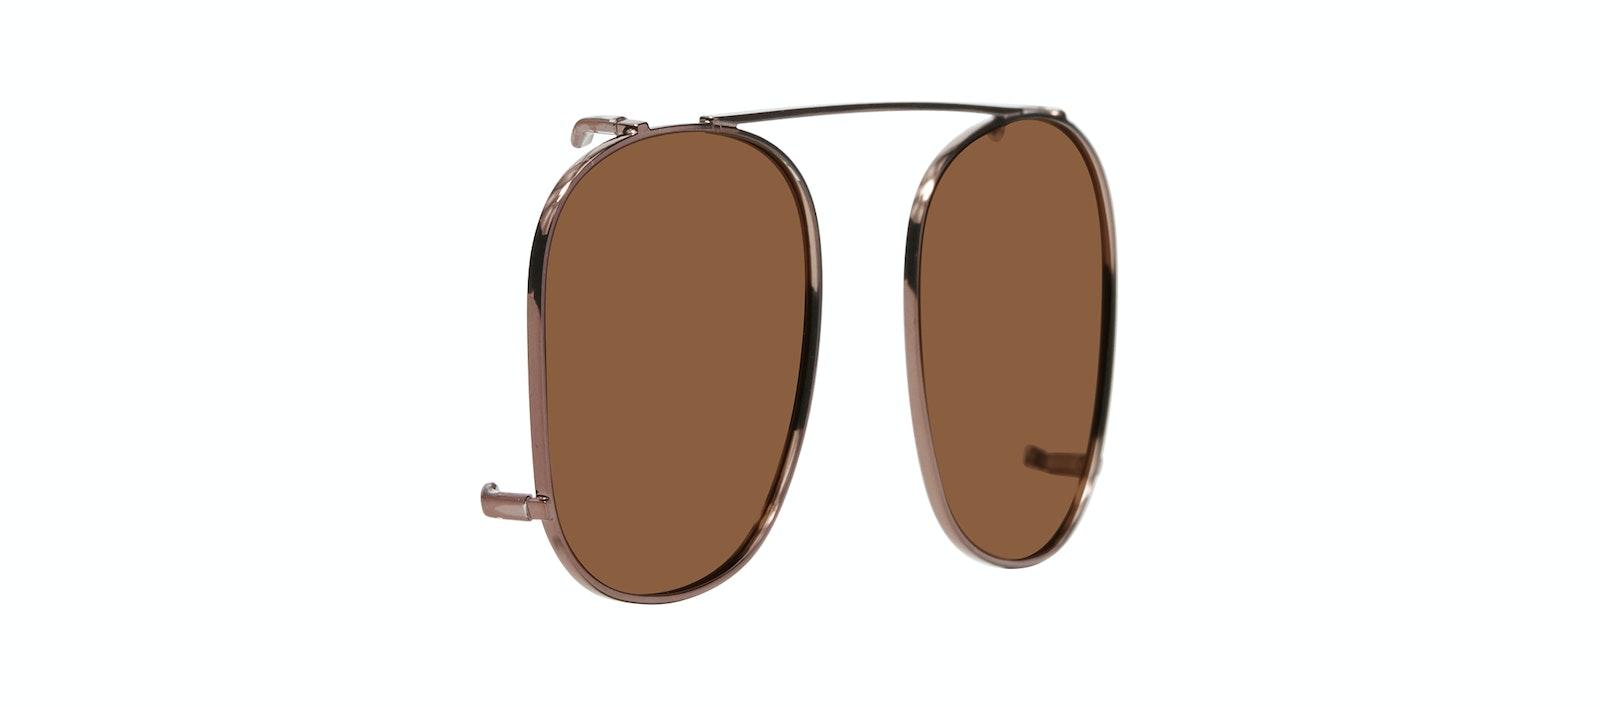 Affordable Fashion Glasses Accessory Men Apex Clip M Copper Tilt